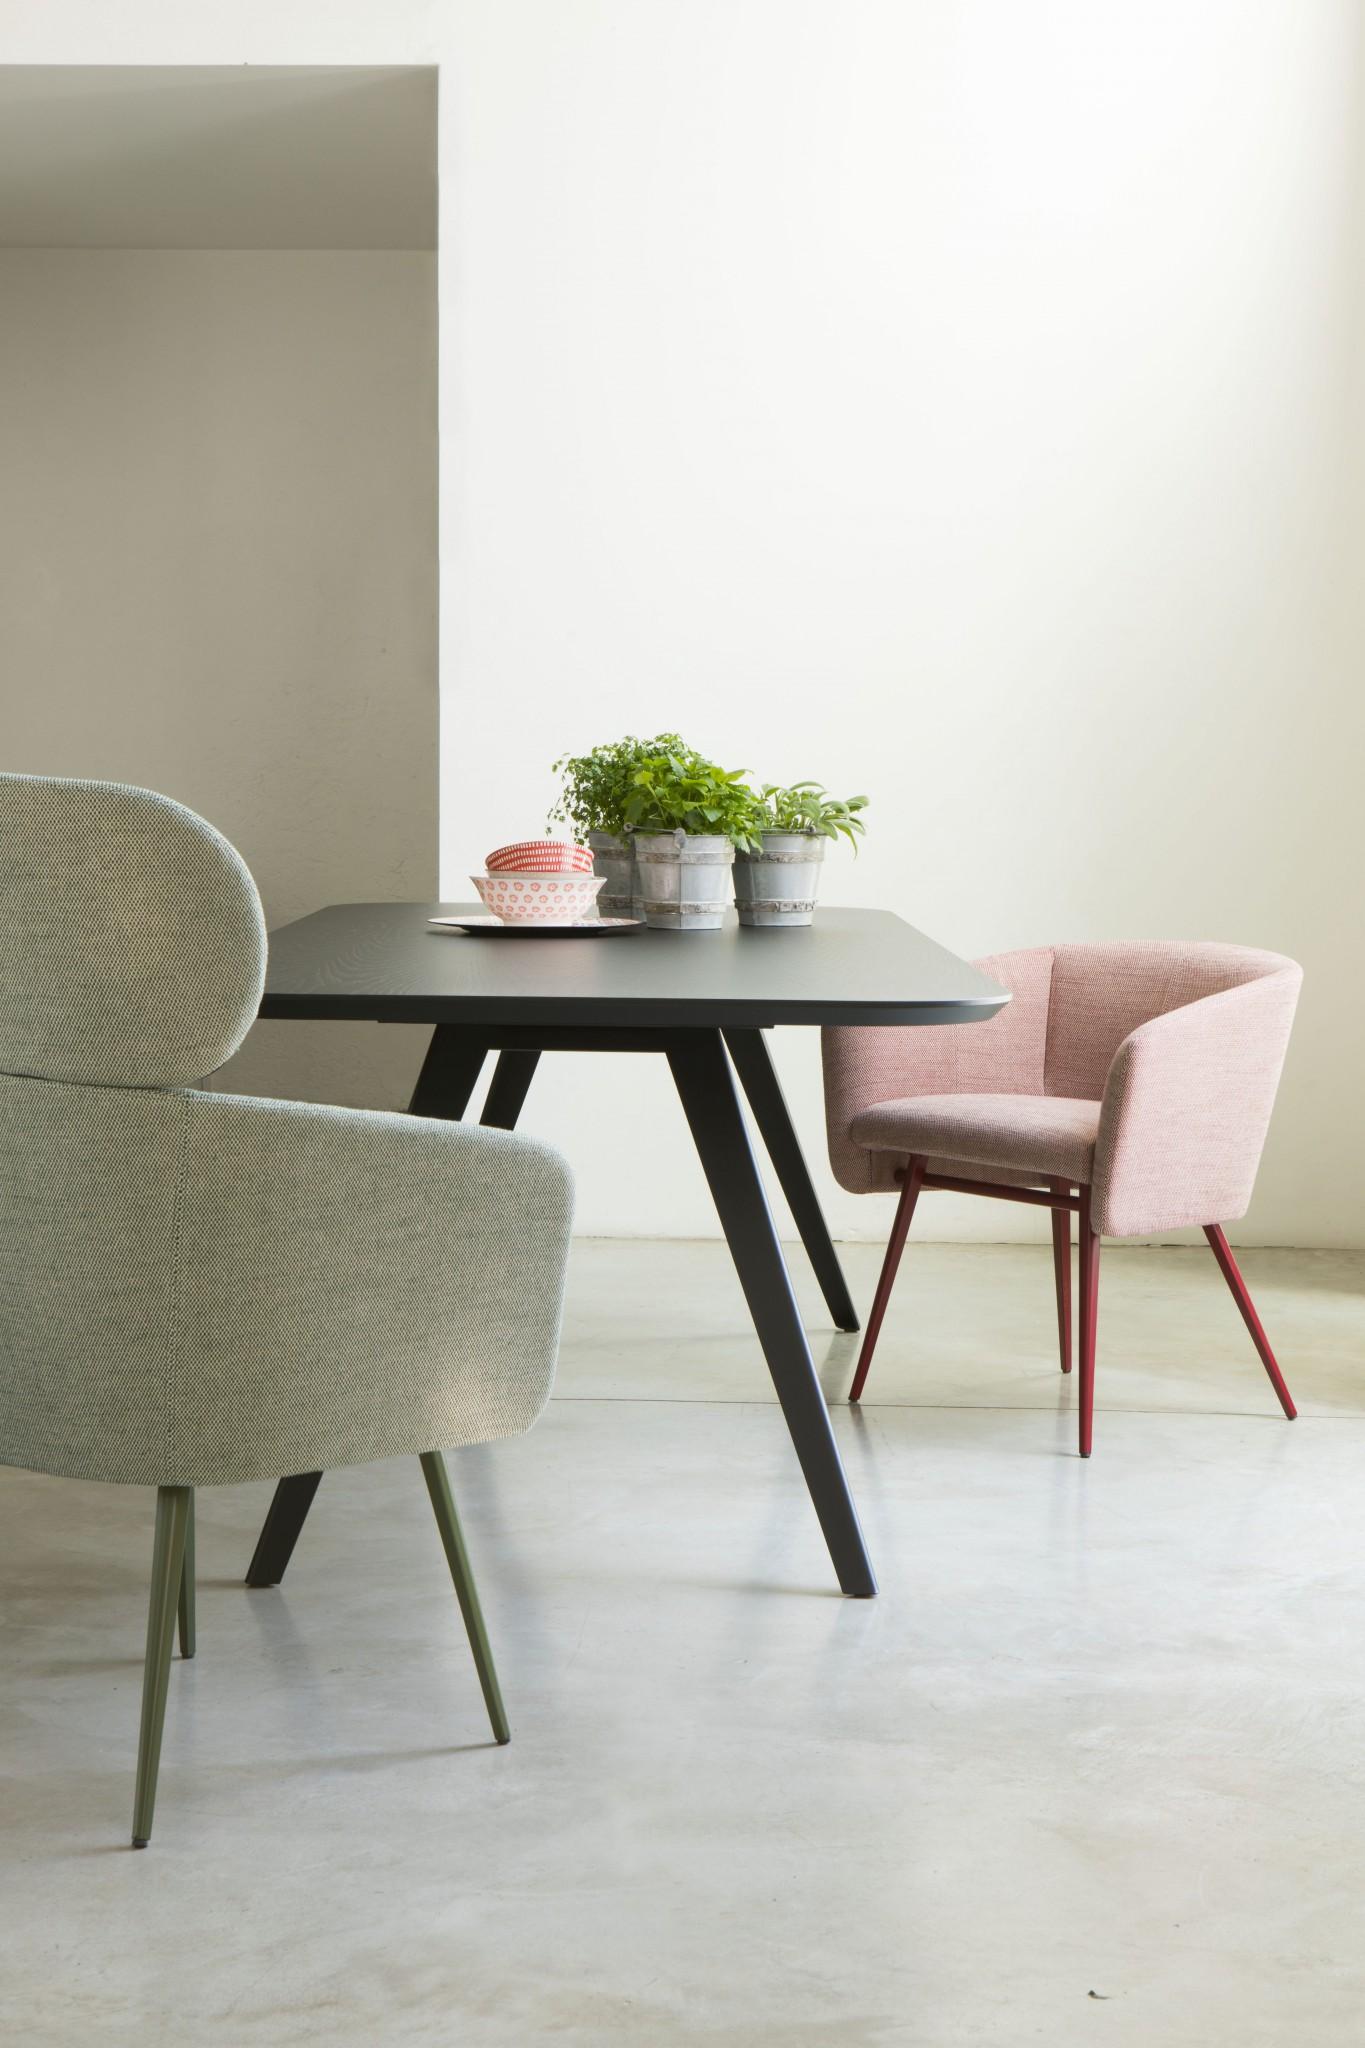 BALU'XLMET+BALU' MET-TABLE AKY